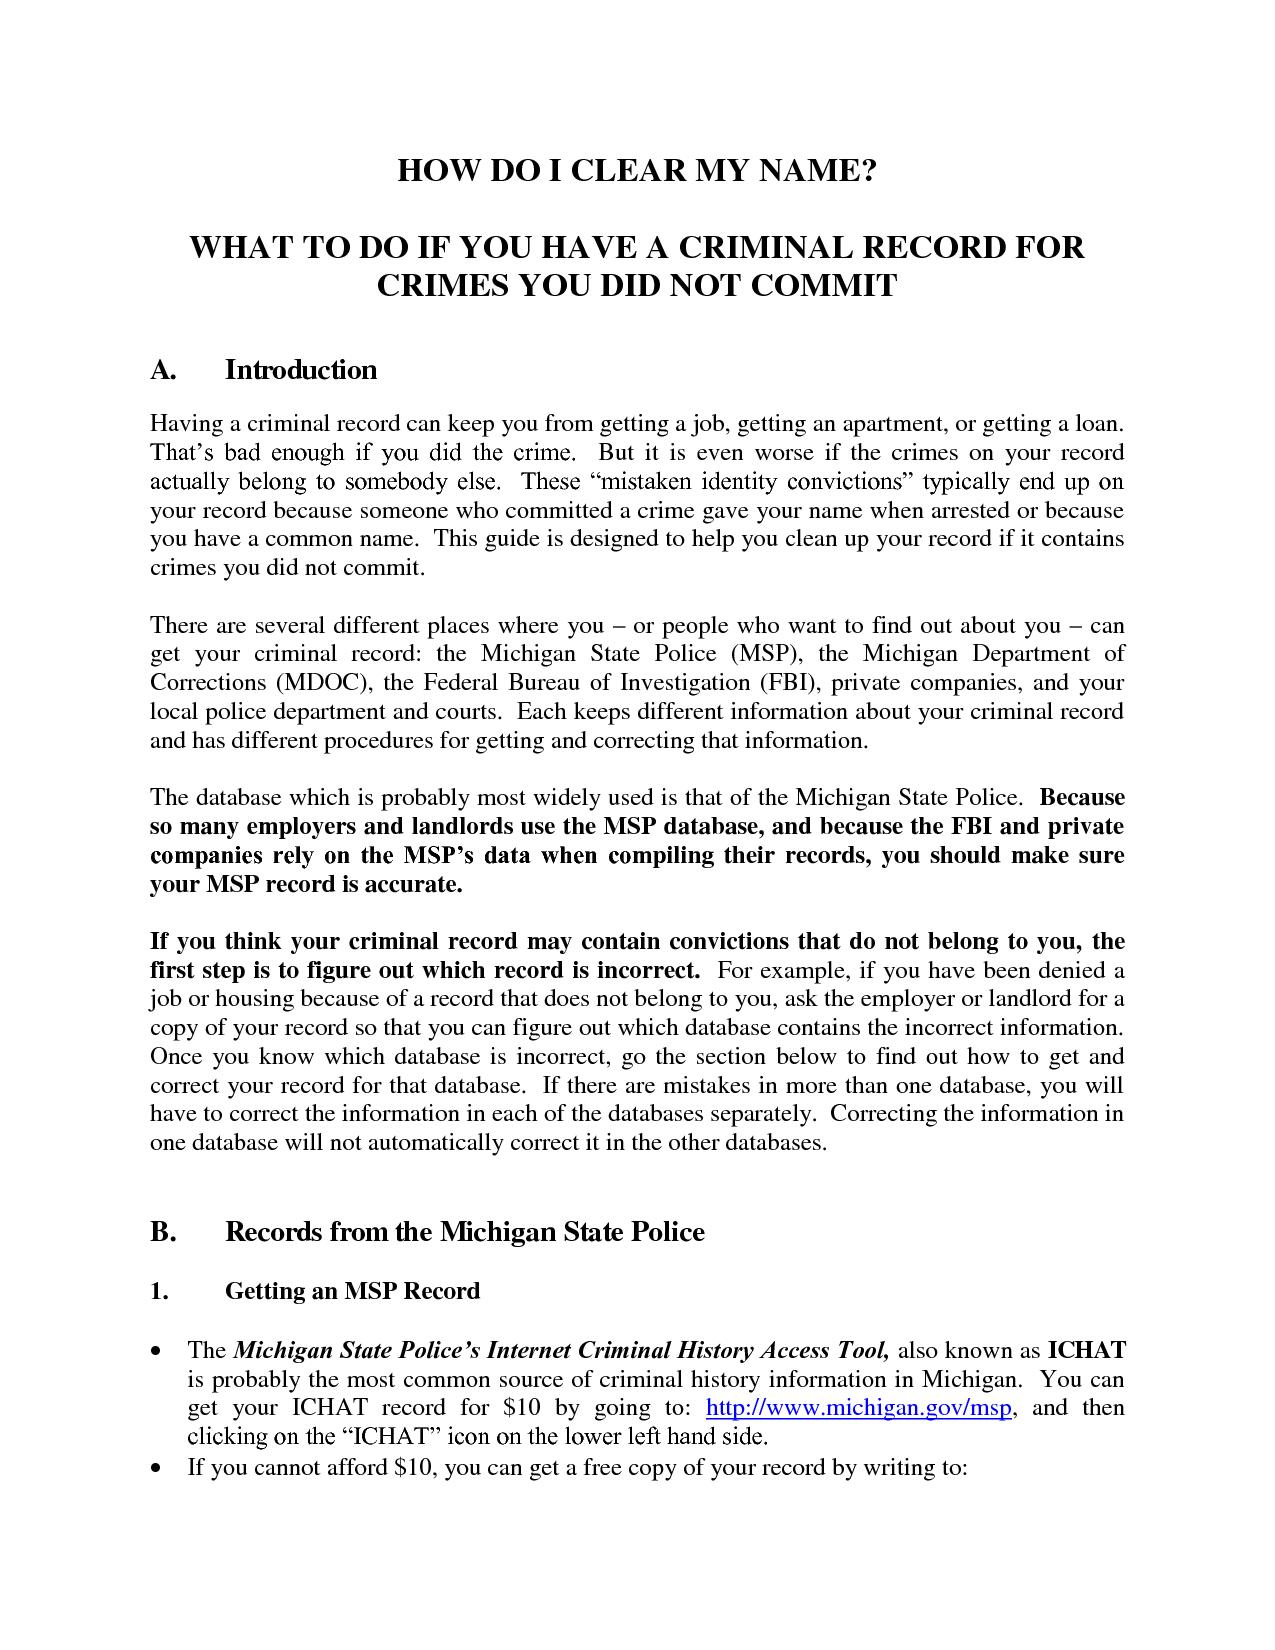 fbi cover letter fbi letter informatin for letter fbi letter of